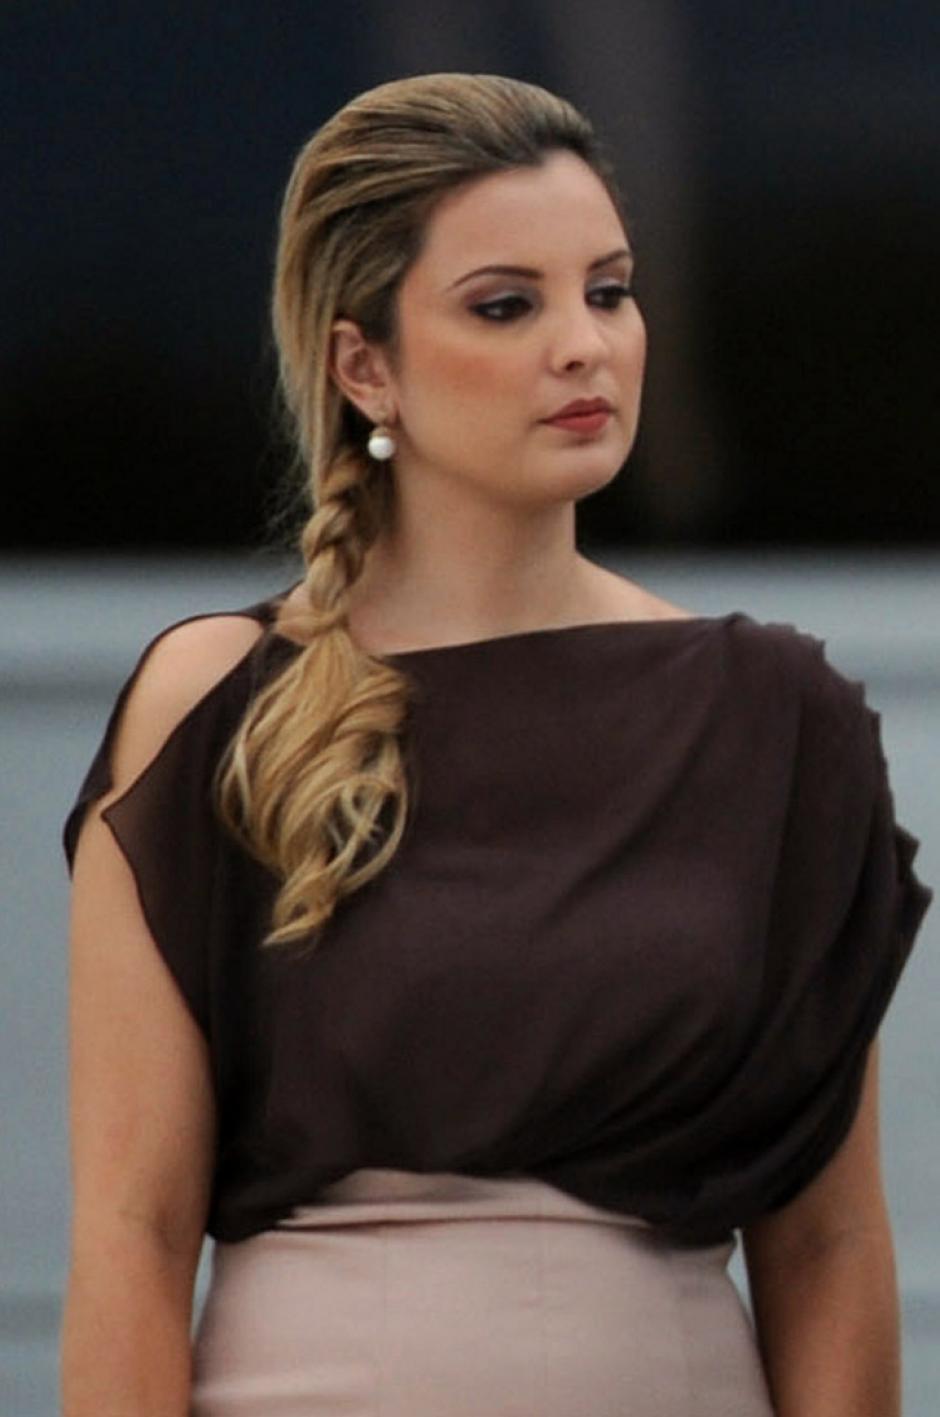 La primera dama ha dado mucho de qué hablar, no solo por su belleza, sino por sus gastos exagerados. (Foto: montevideo.com.uy)